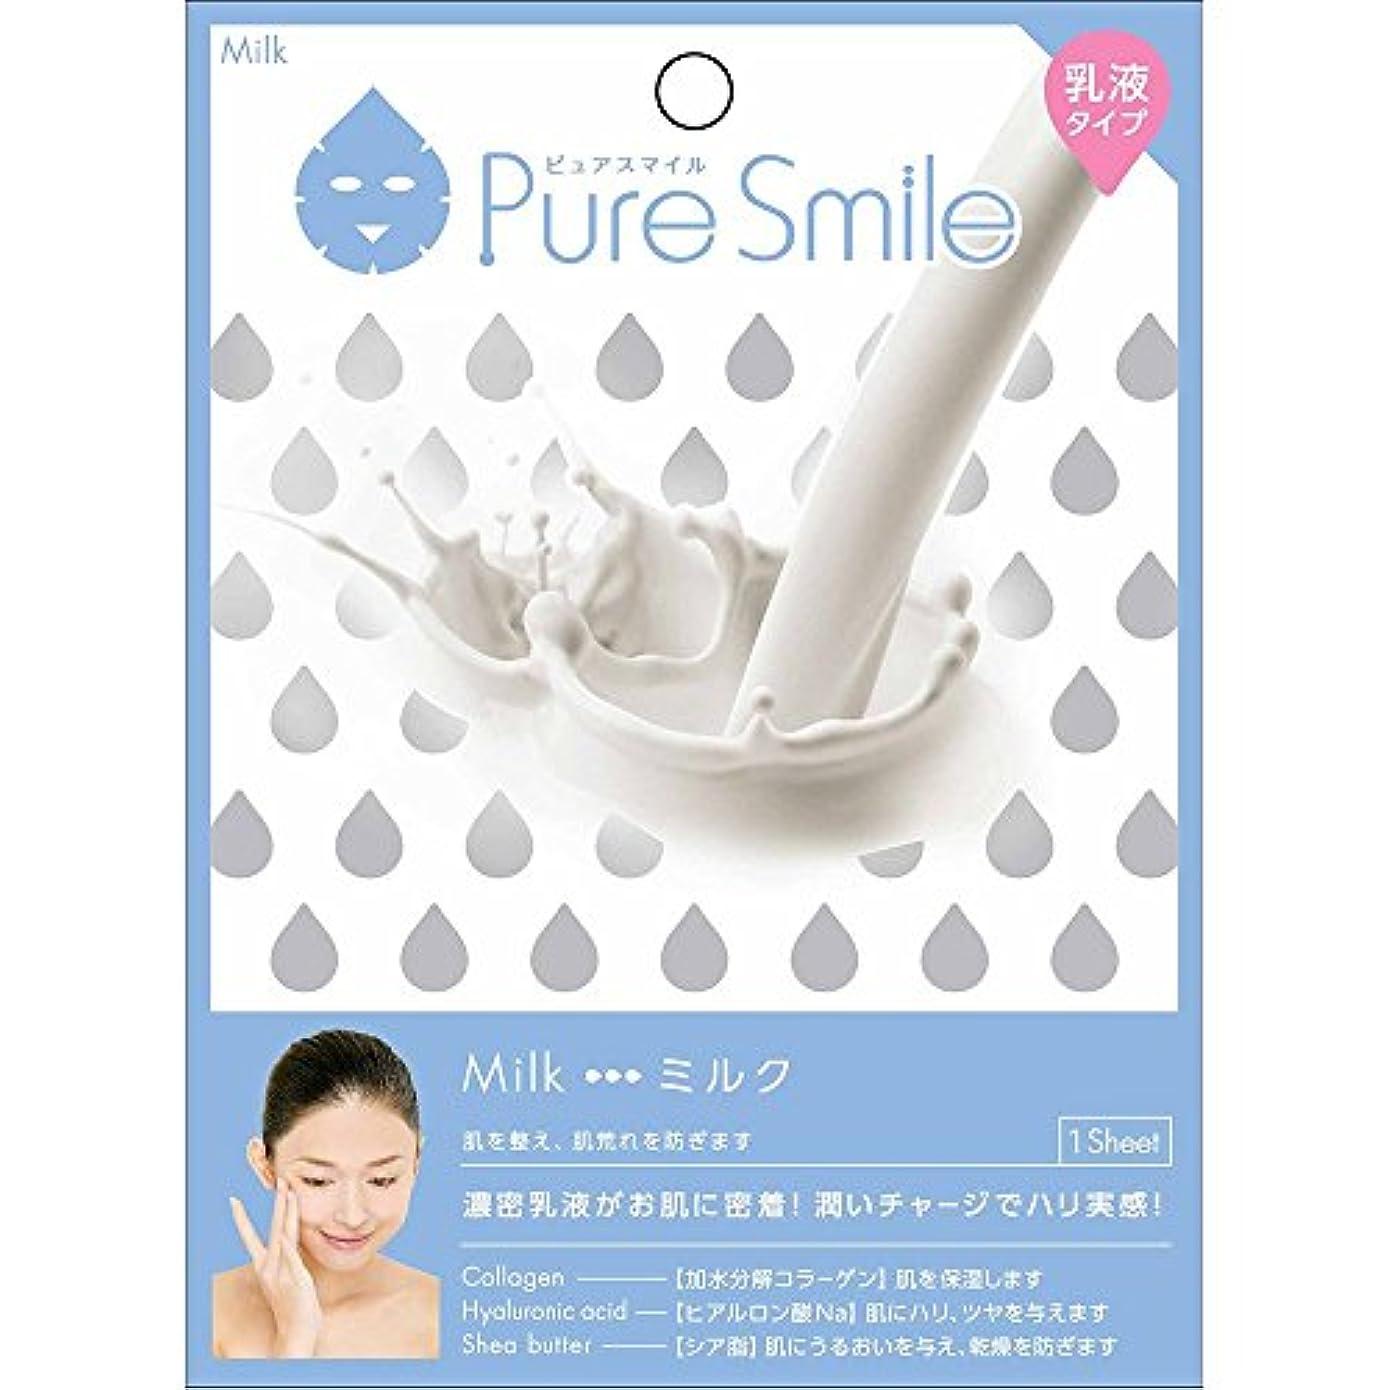 彼はのため荷物Pure Smile(ピュアスマイル) 乳液エッセンスマスク 1 枚 ミルク